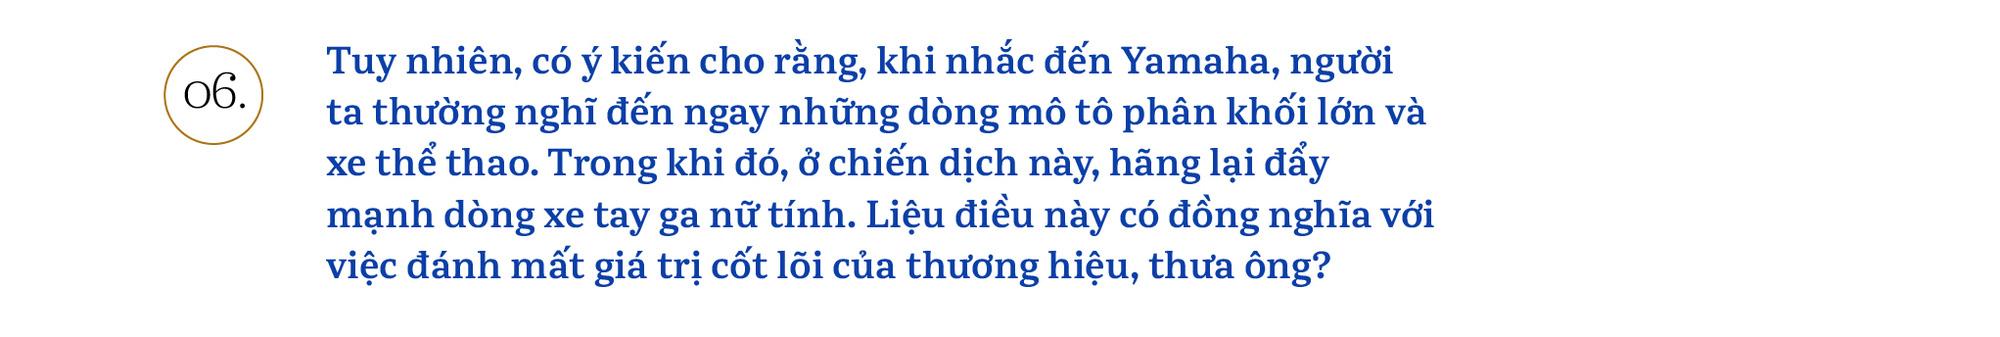 Chủ tịch Yamaha Việt Nam: 'Chúng tôi sẽ khơi dậy khách hàng trẻ tìm được bản ngã của chính mình' - Ảnh 12.